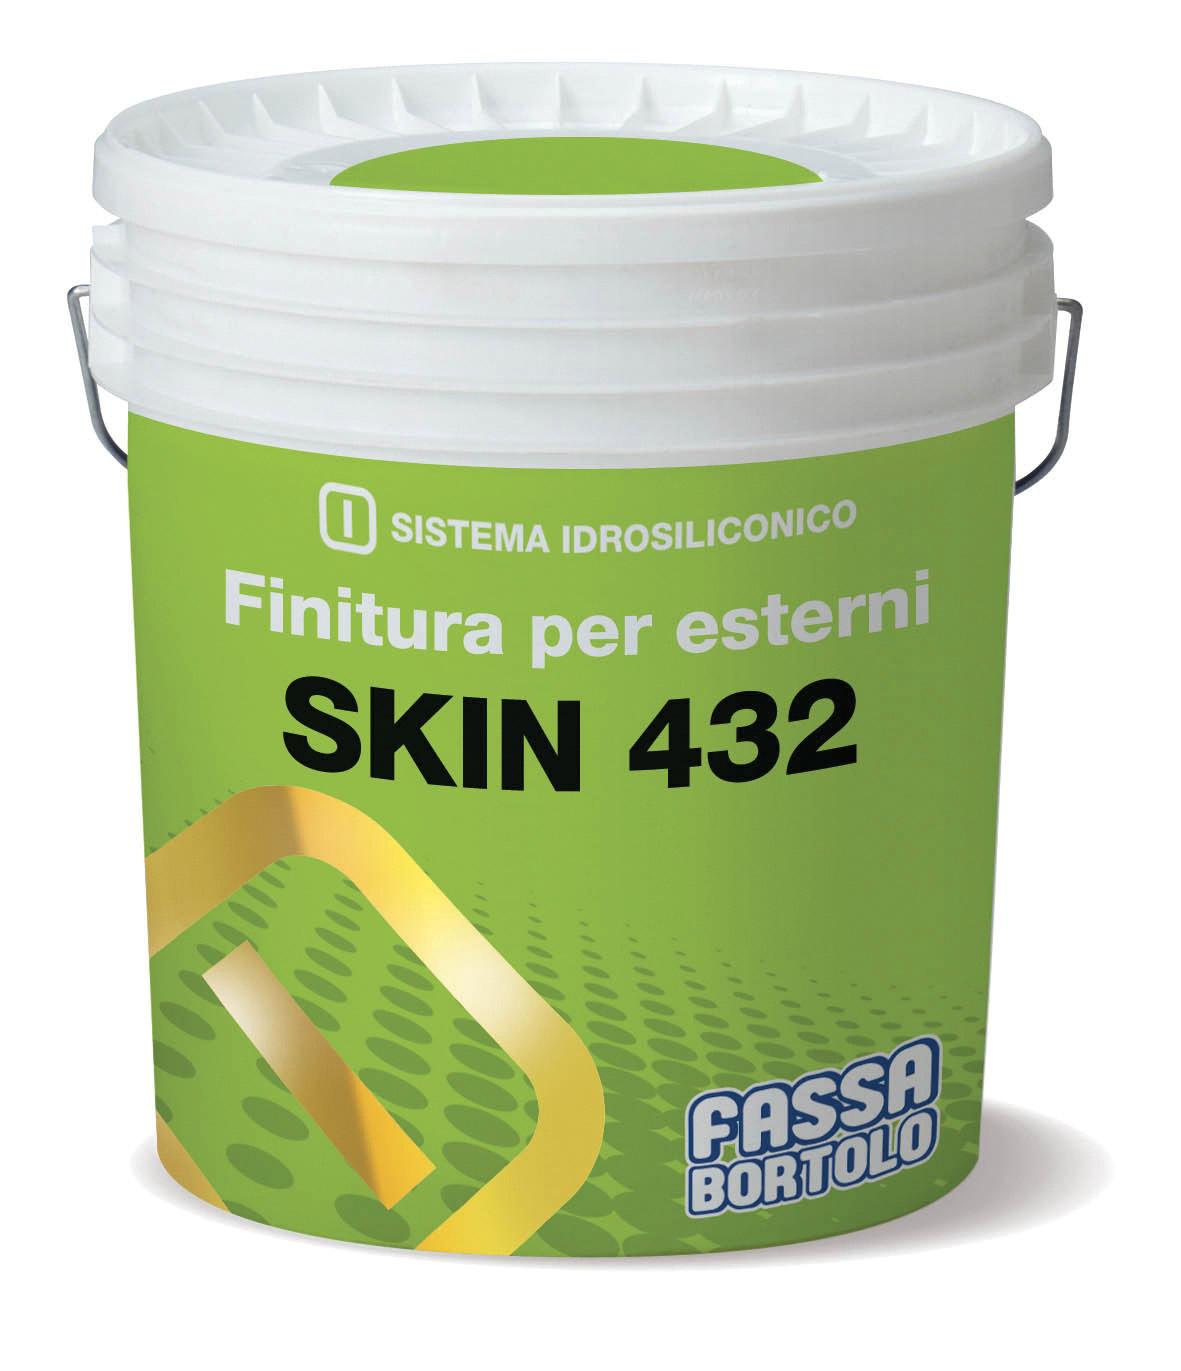 SKIN 432